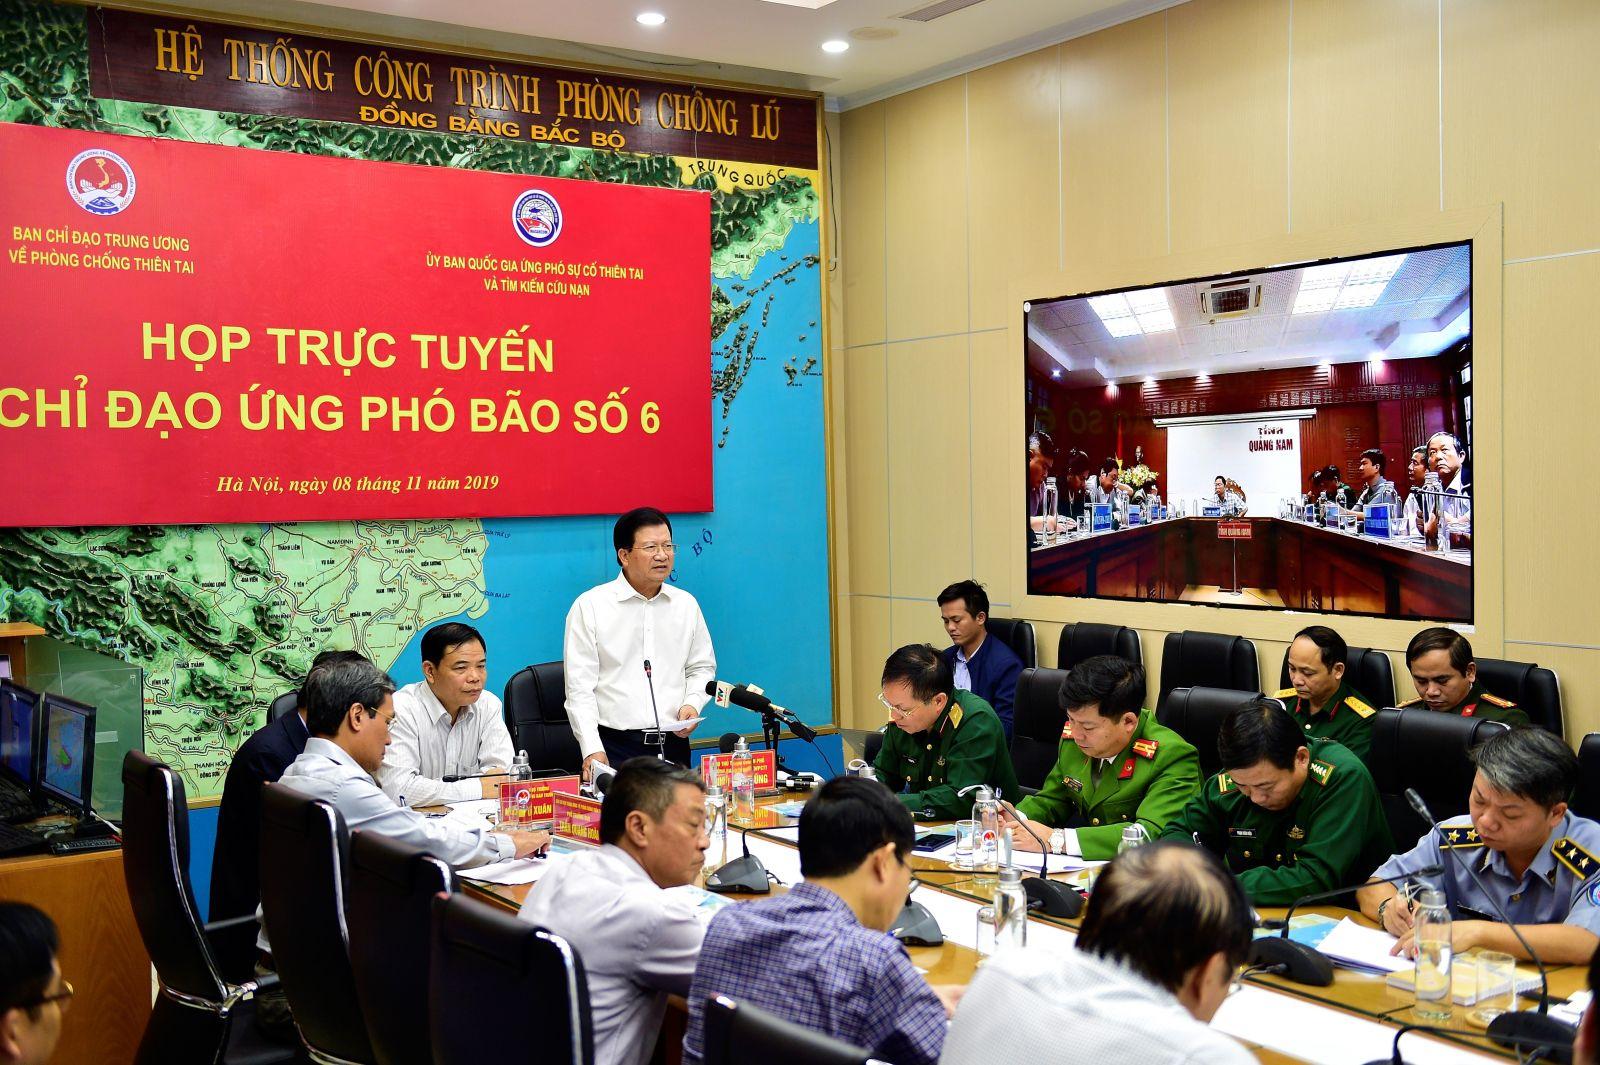 Phó thủ tướng Trịnh Đình Dũng phát biểu chỉ đạo tại cuộc họp. Ảnh: VGP/Nhật Bắc